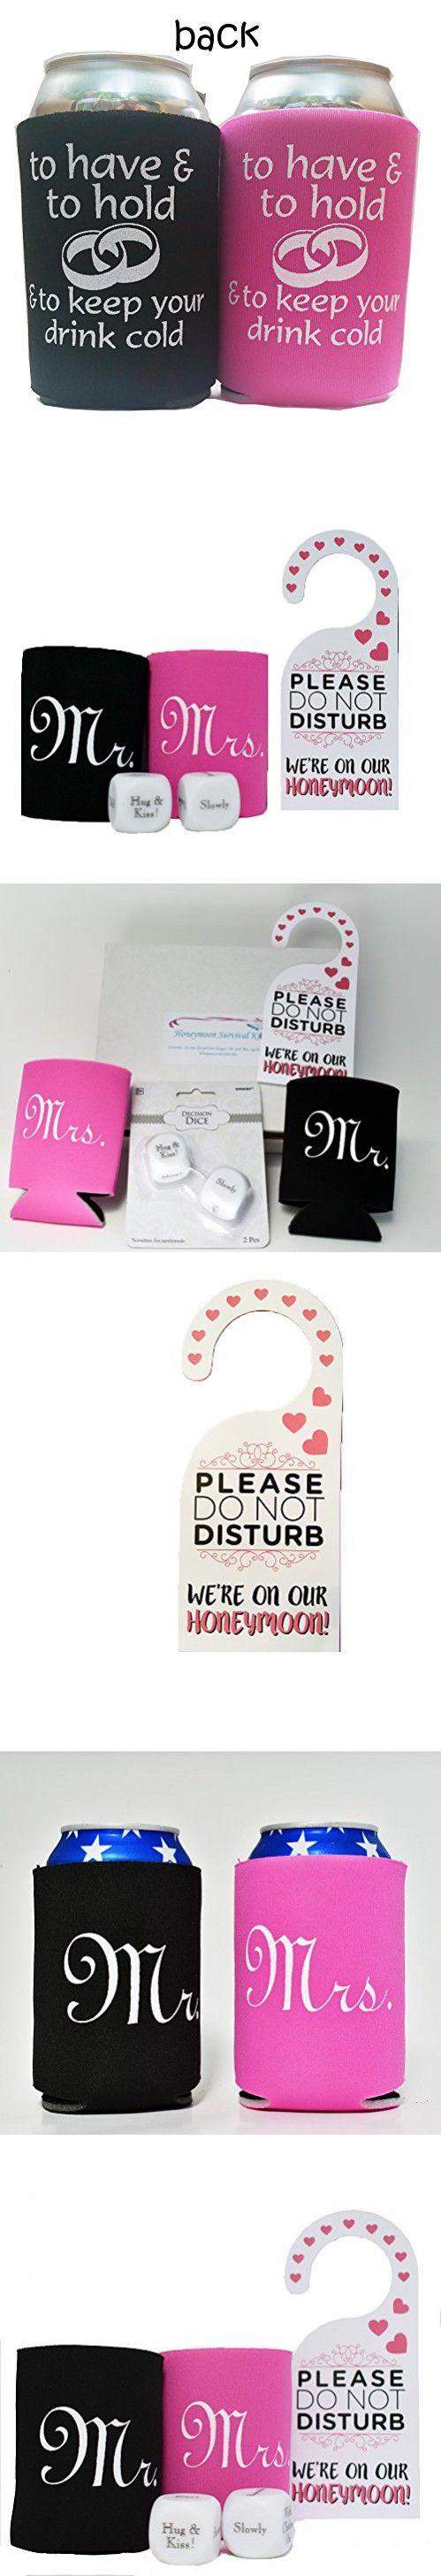 Honeymoon Survival Kit - Bride and Groom Cup Holders, Honeymoon Decision Dice and Do Not Disturb Door Hanger (Bundle of 3 Items)